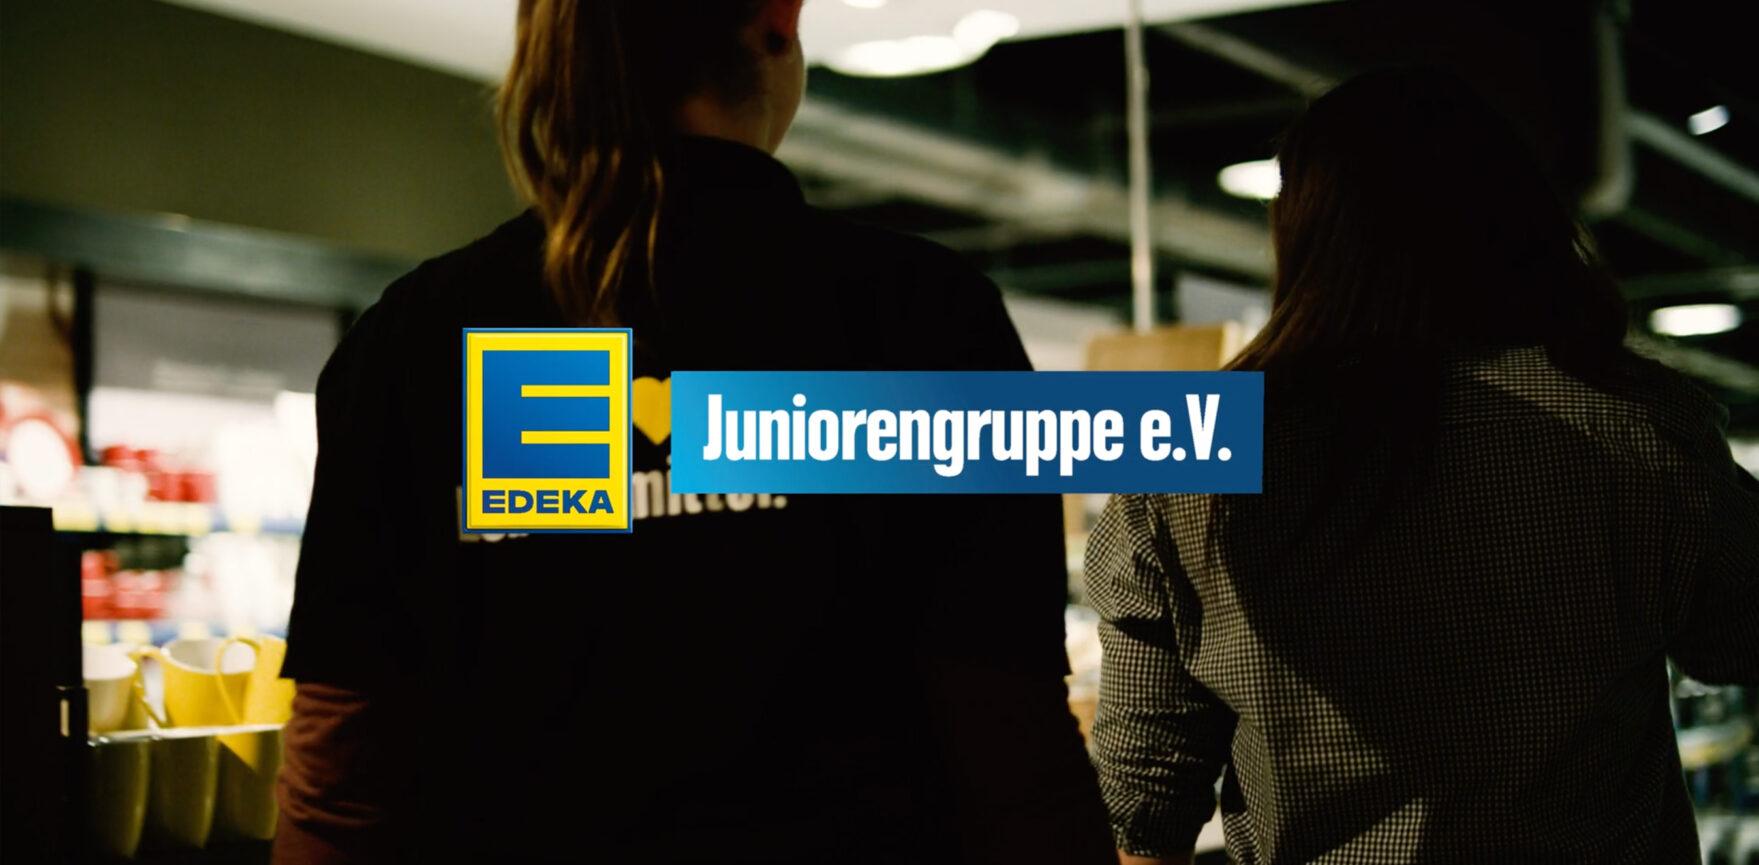 EDEKA Juniorengruppe e.V. Imagefilm Titlecard